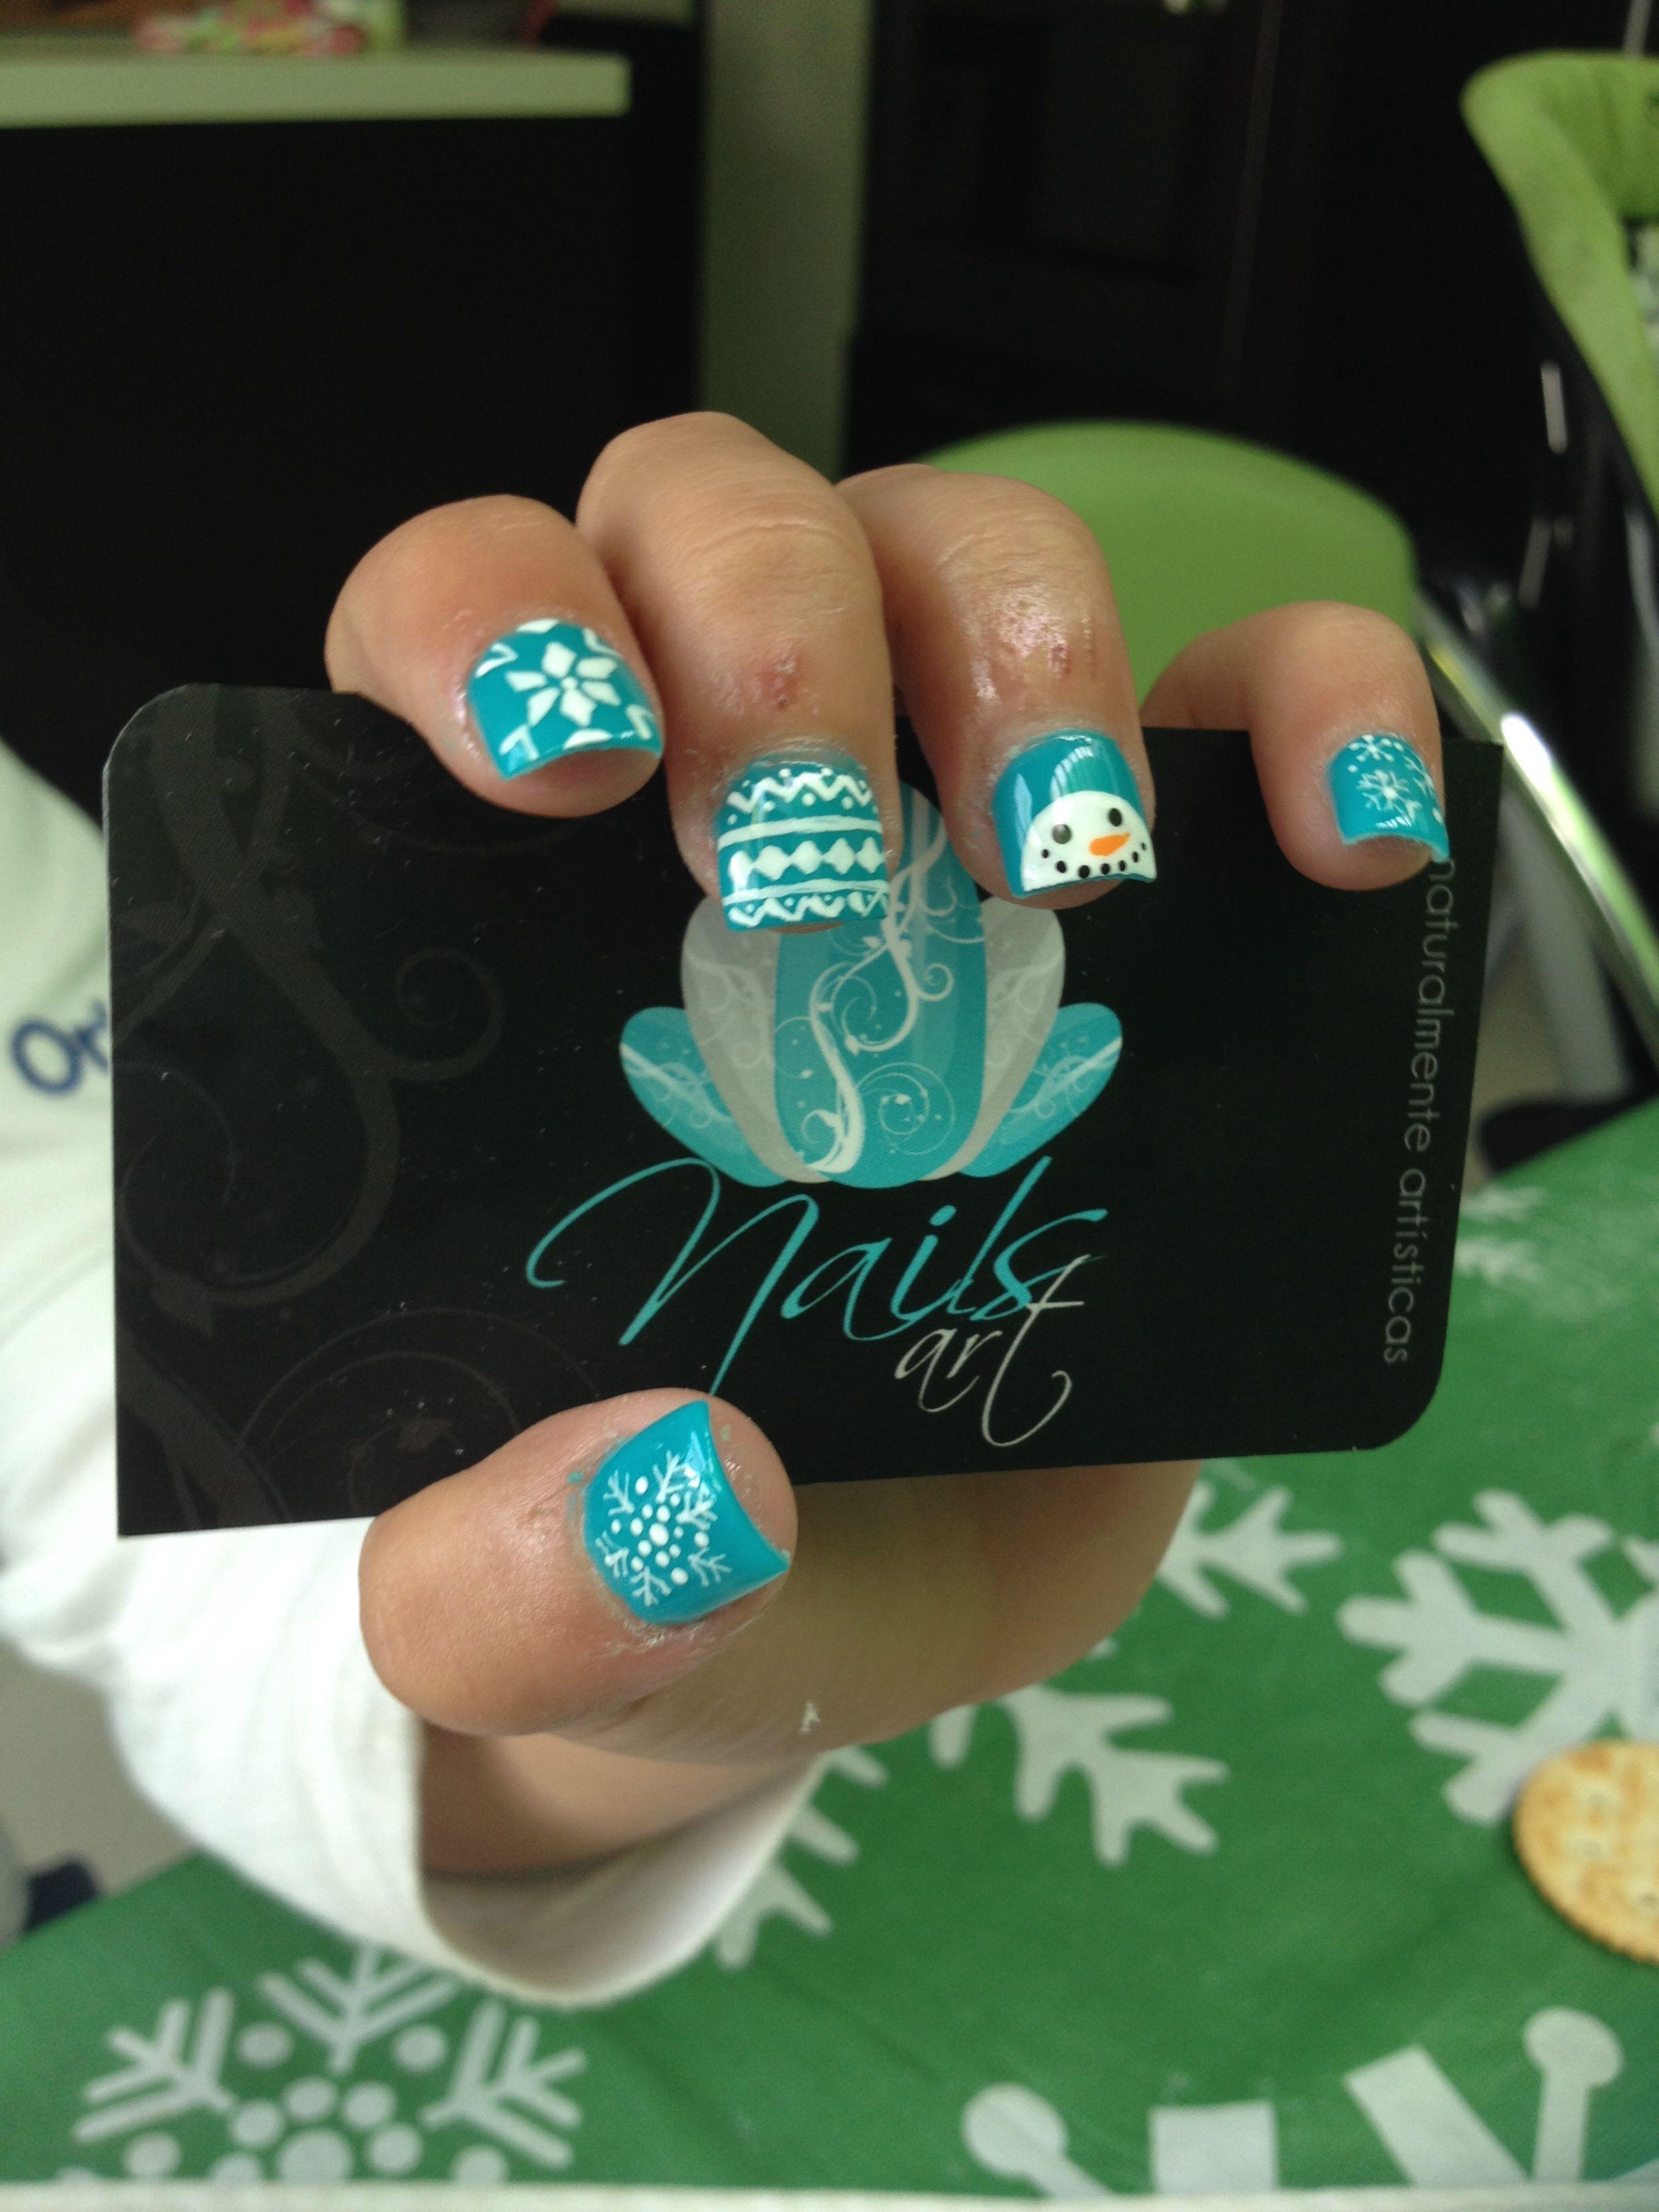 Nails art acrylic nails christmas nails NailArtDIY Nail Art DIY